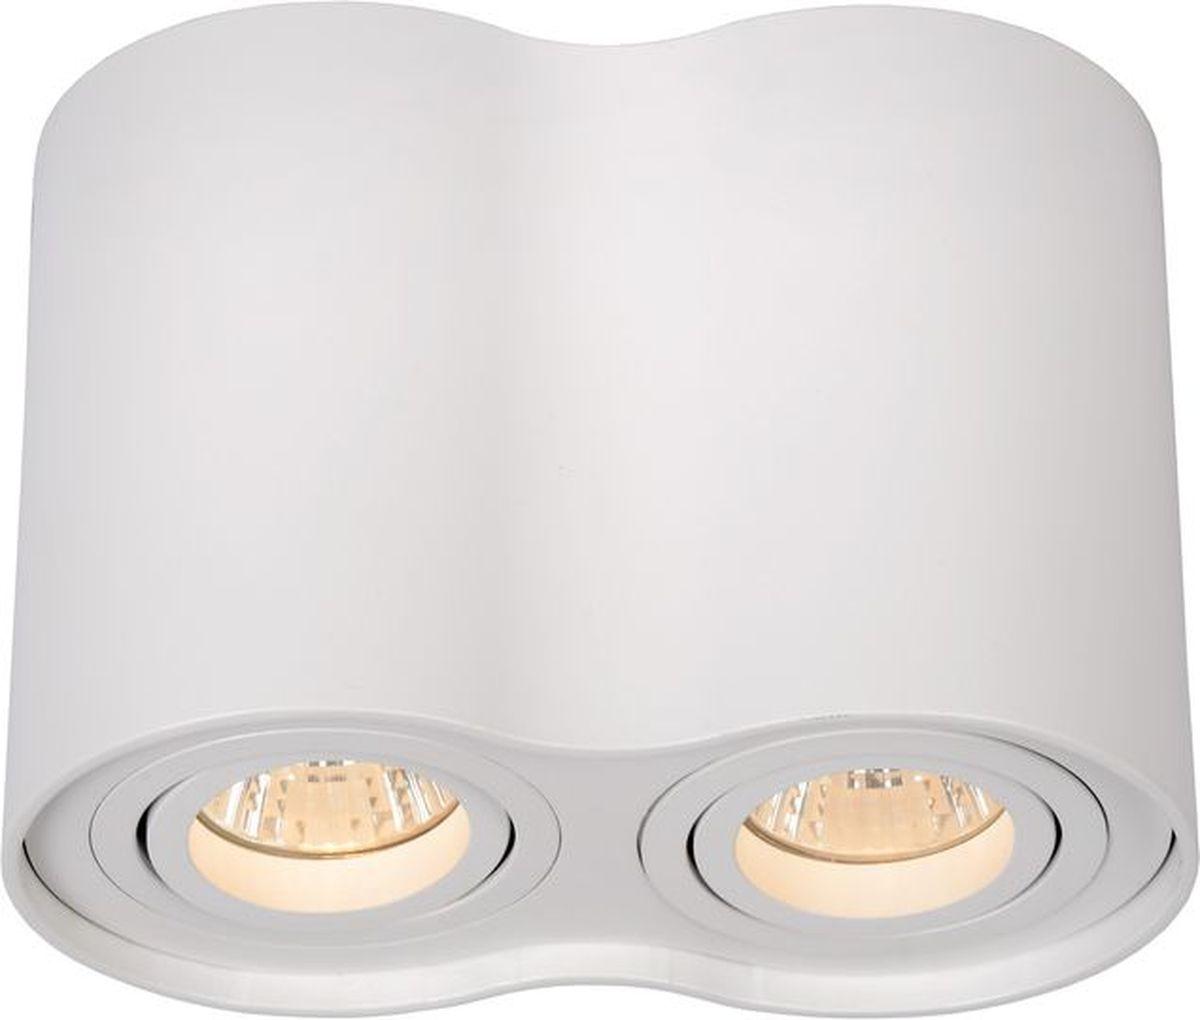 Светильник потолочный Lucide Tube, цвет: белый, GU10, 50 Вт. 22952/02/3122952/02/31